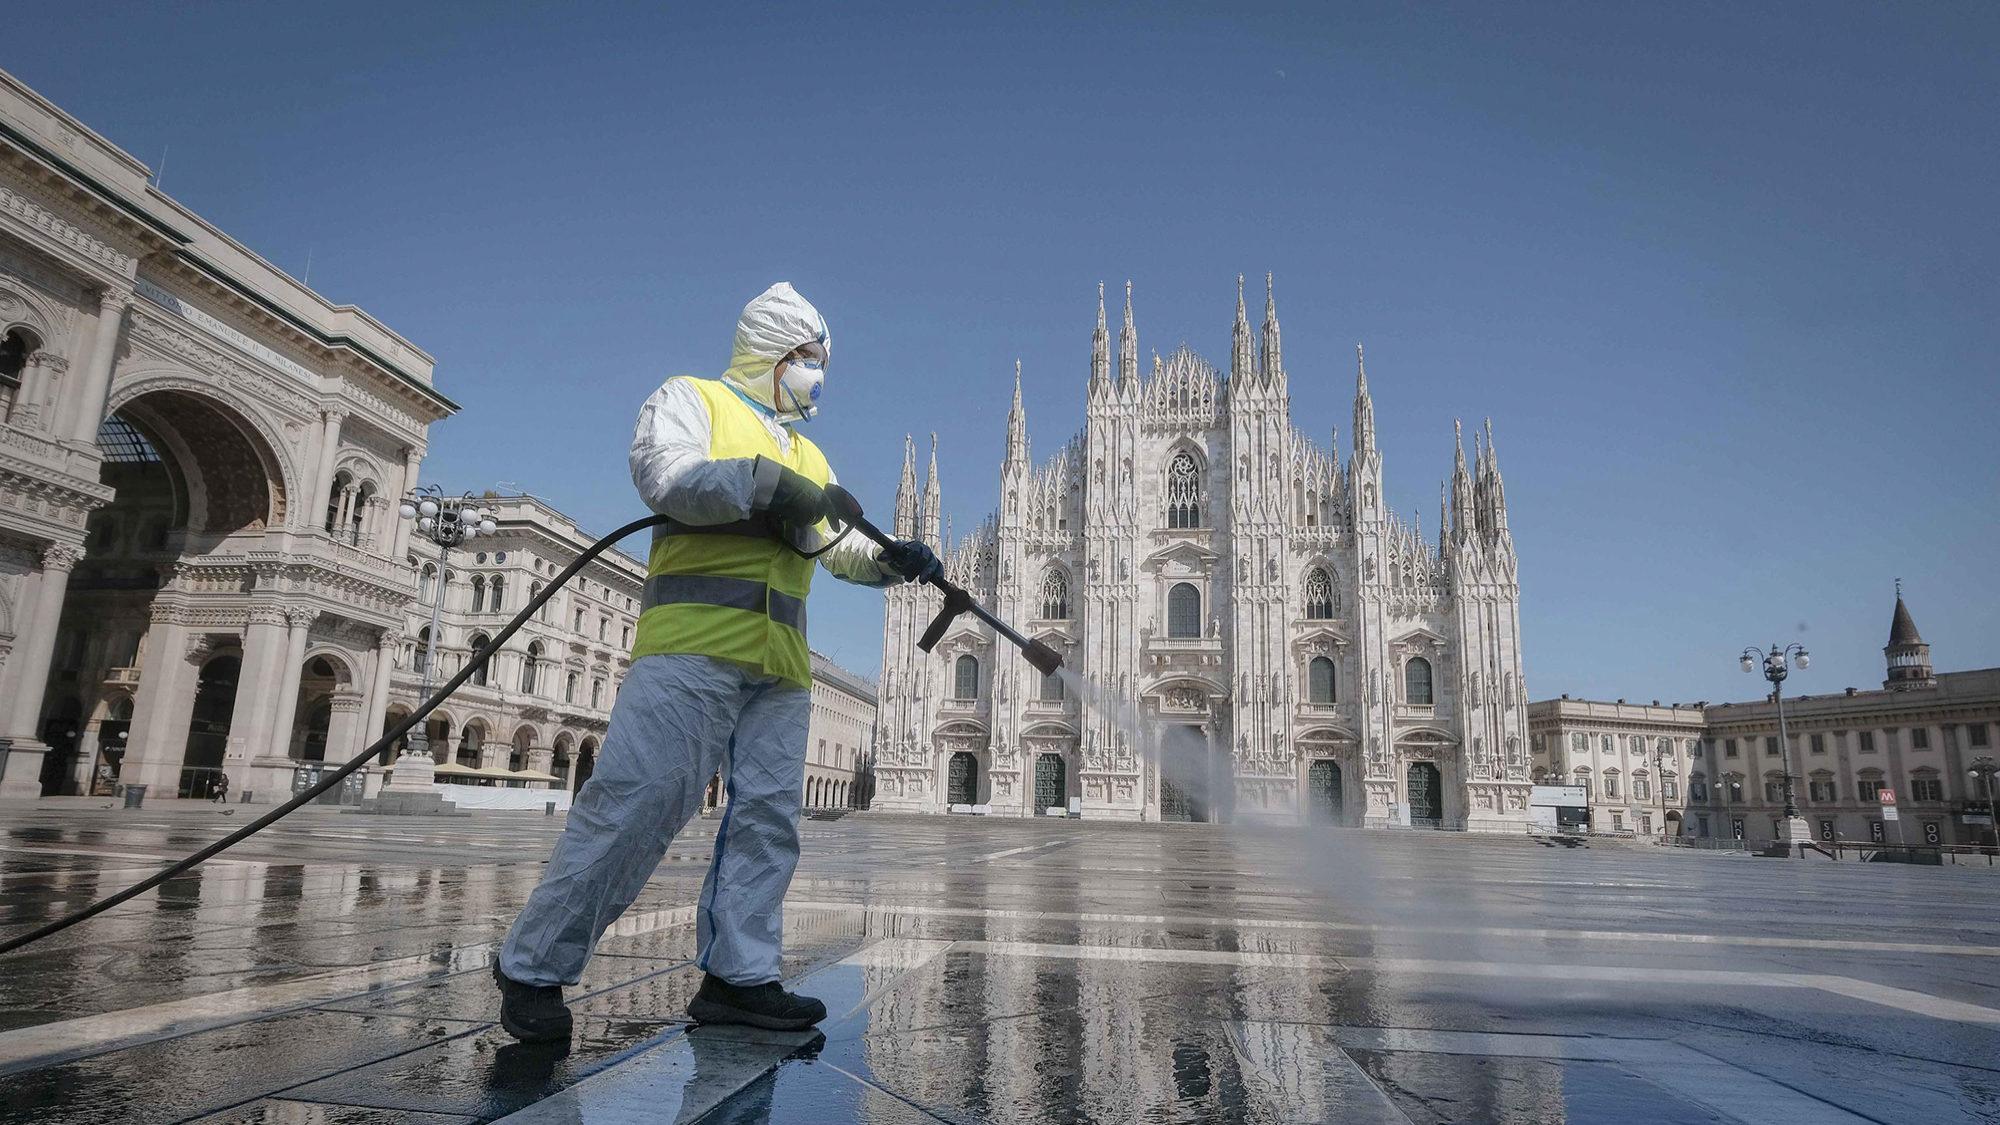 Mais 766 mortes em Itália por causa do Covid-19. Total é agora de 14.681